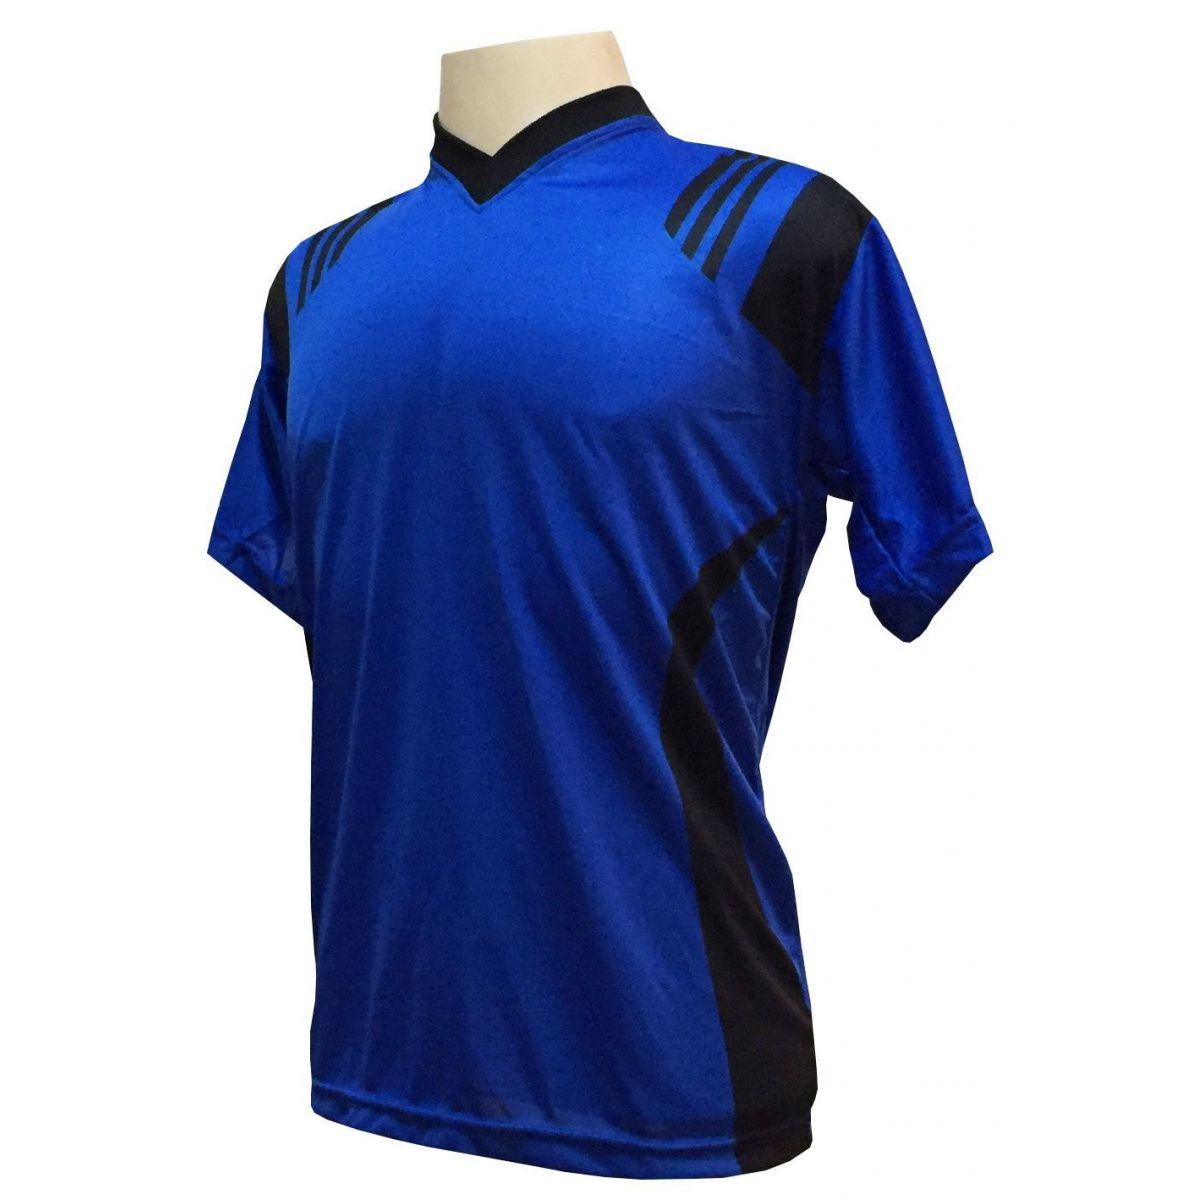 Uniforme Esportivo com 12 Camisas modelo Roma Royal/Preto + 12 Calções modelo Madrid Preto + 12 Pares de meiões Preto   - ESTAÇÃO DO ESPORTE